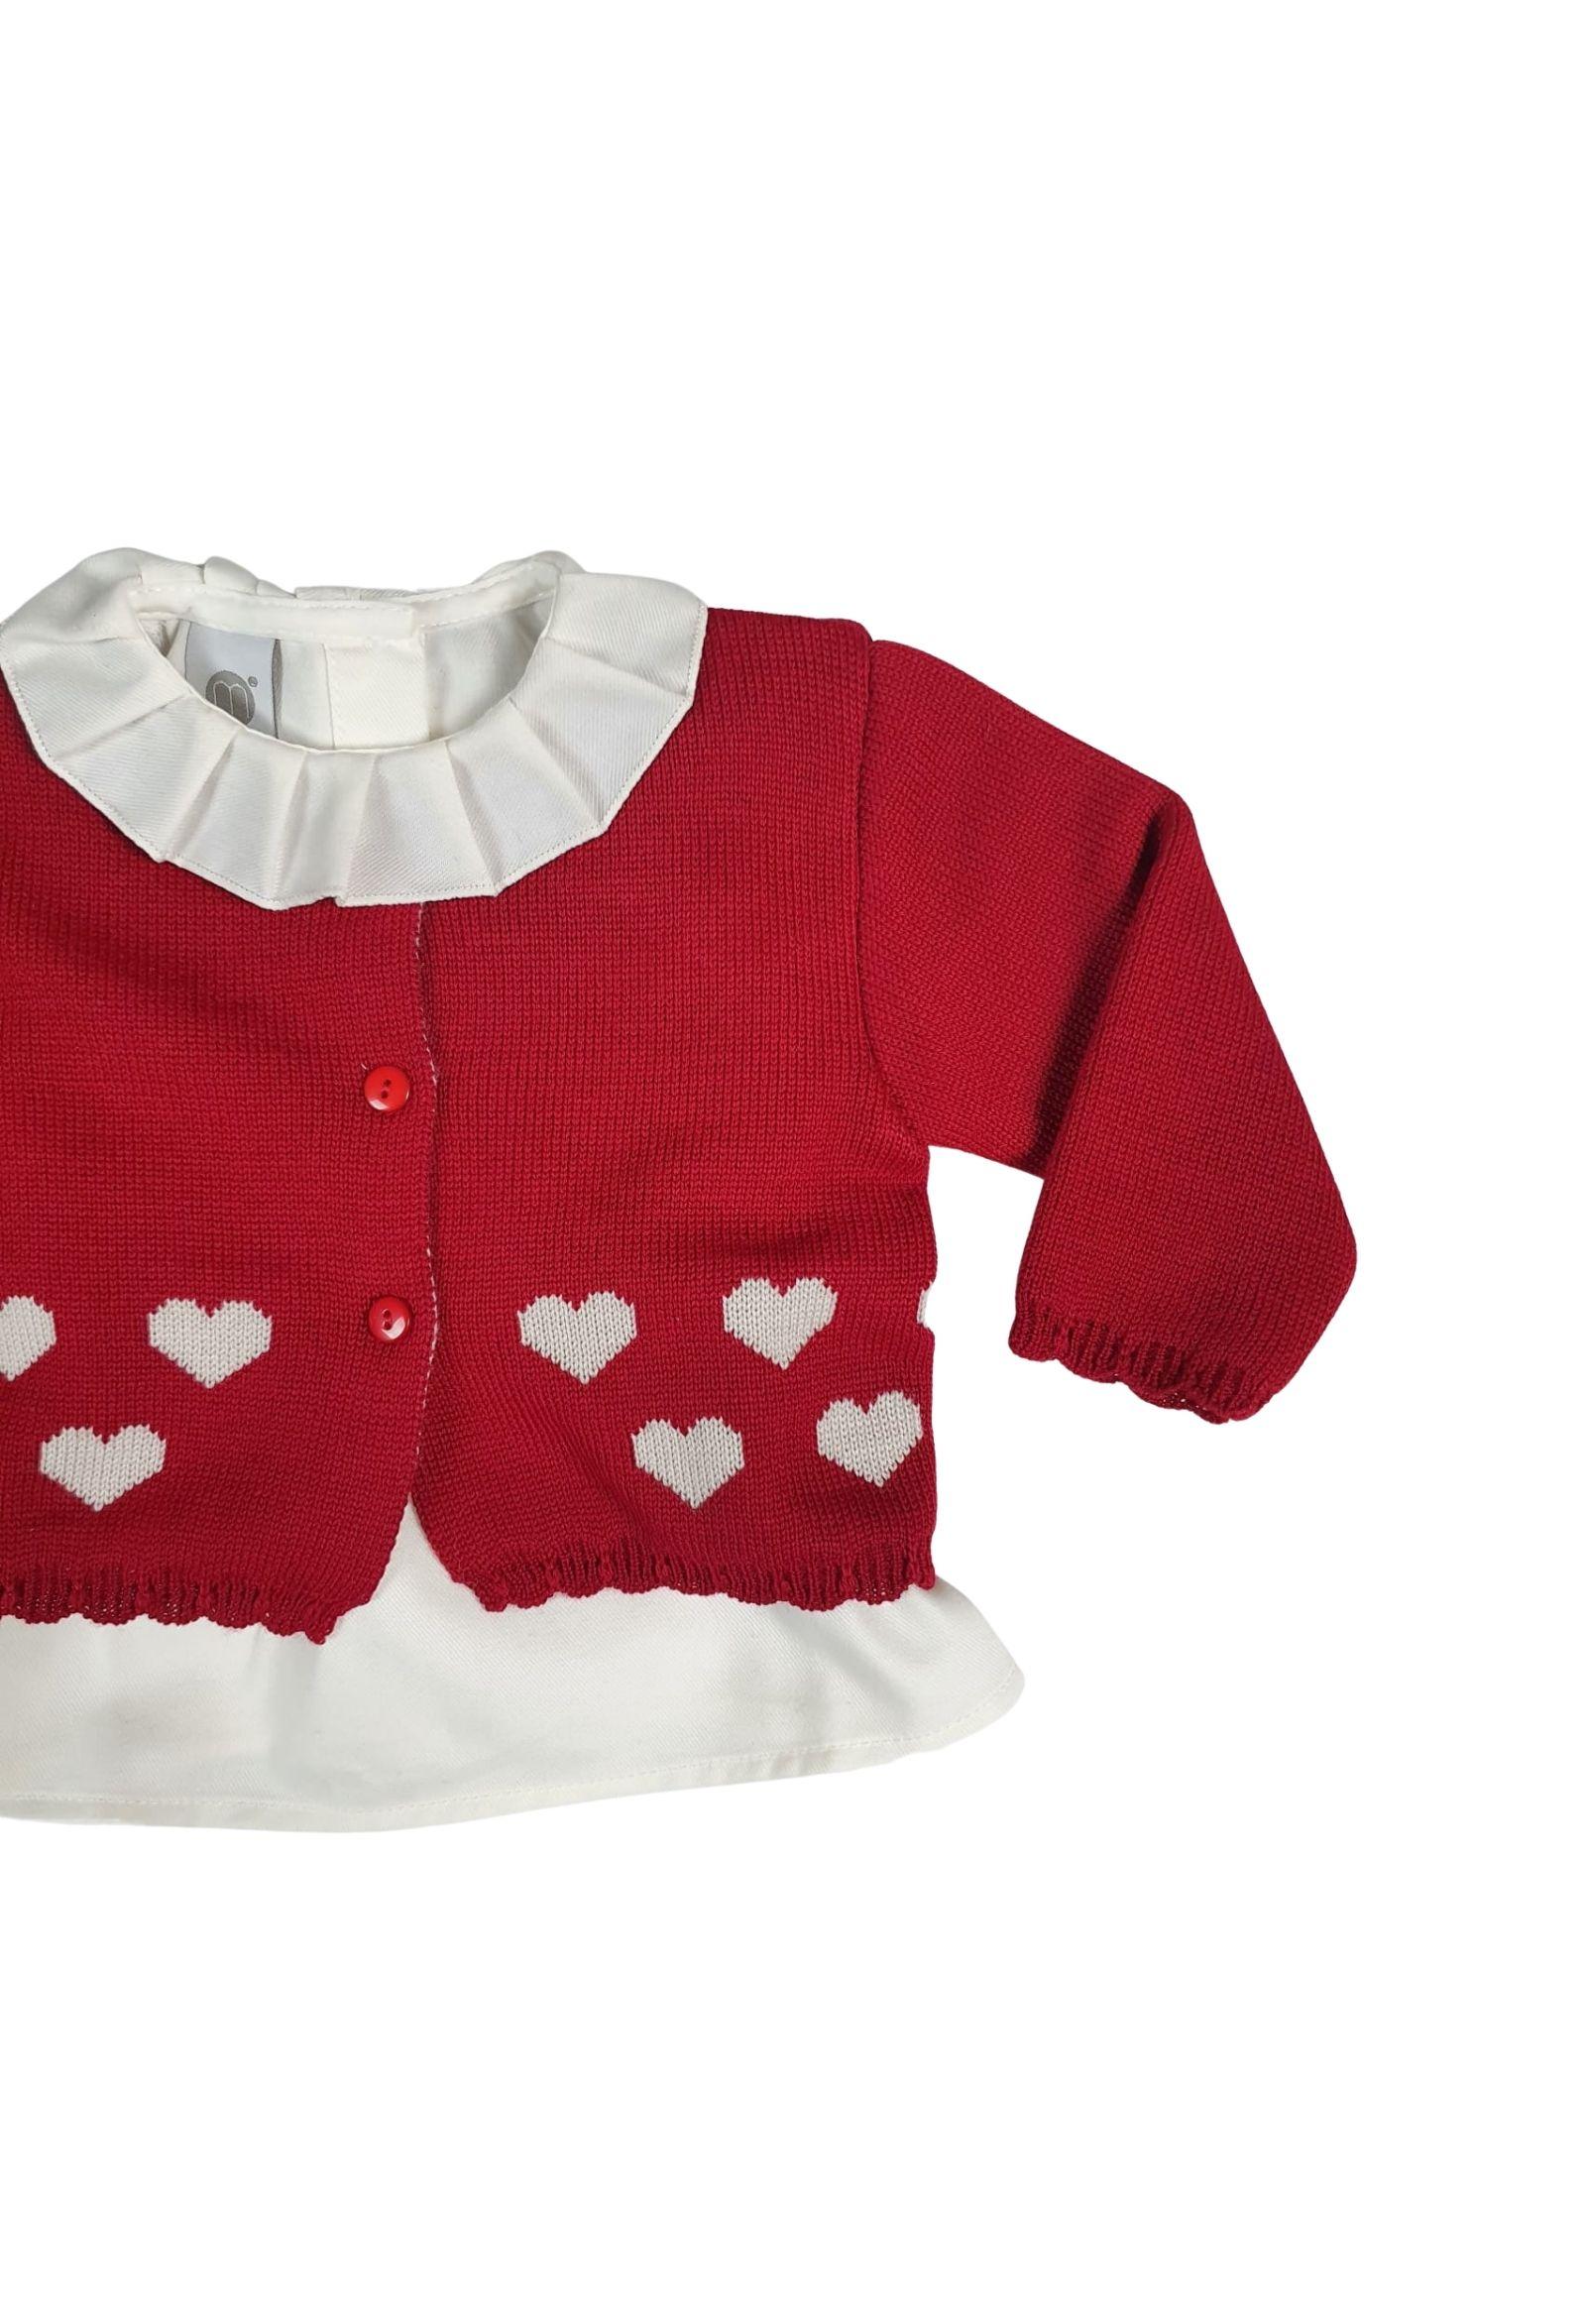 completo 3 pezzi rosso con cuori e camicia bianca e calze marlu | Tutine | ID30360BORDEAUX